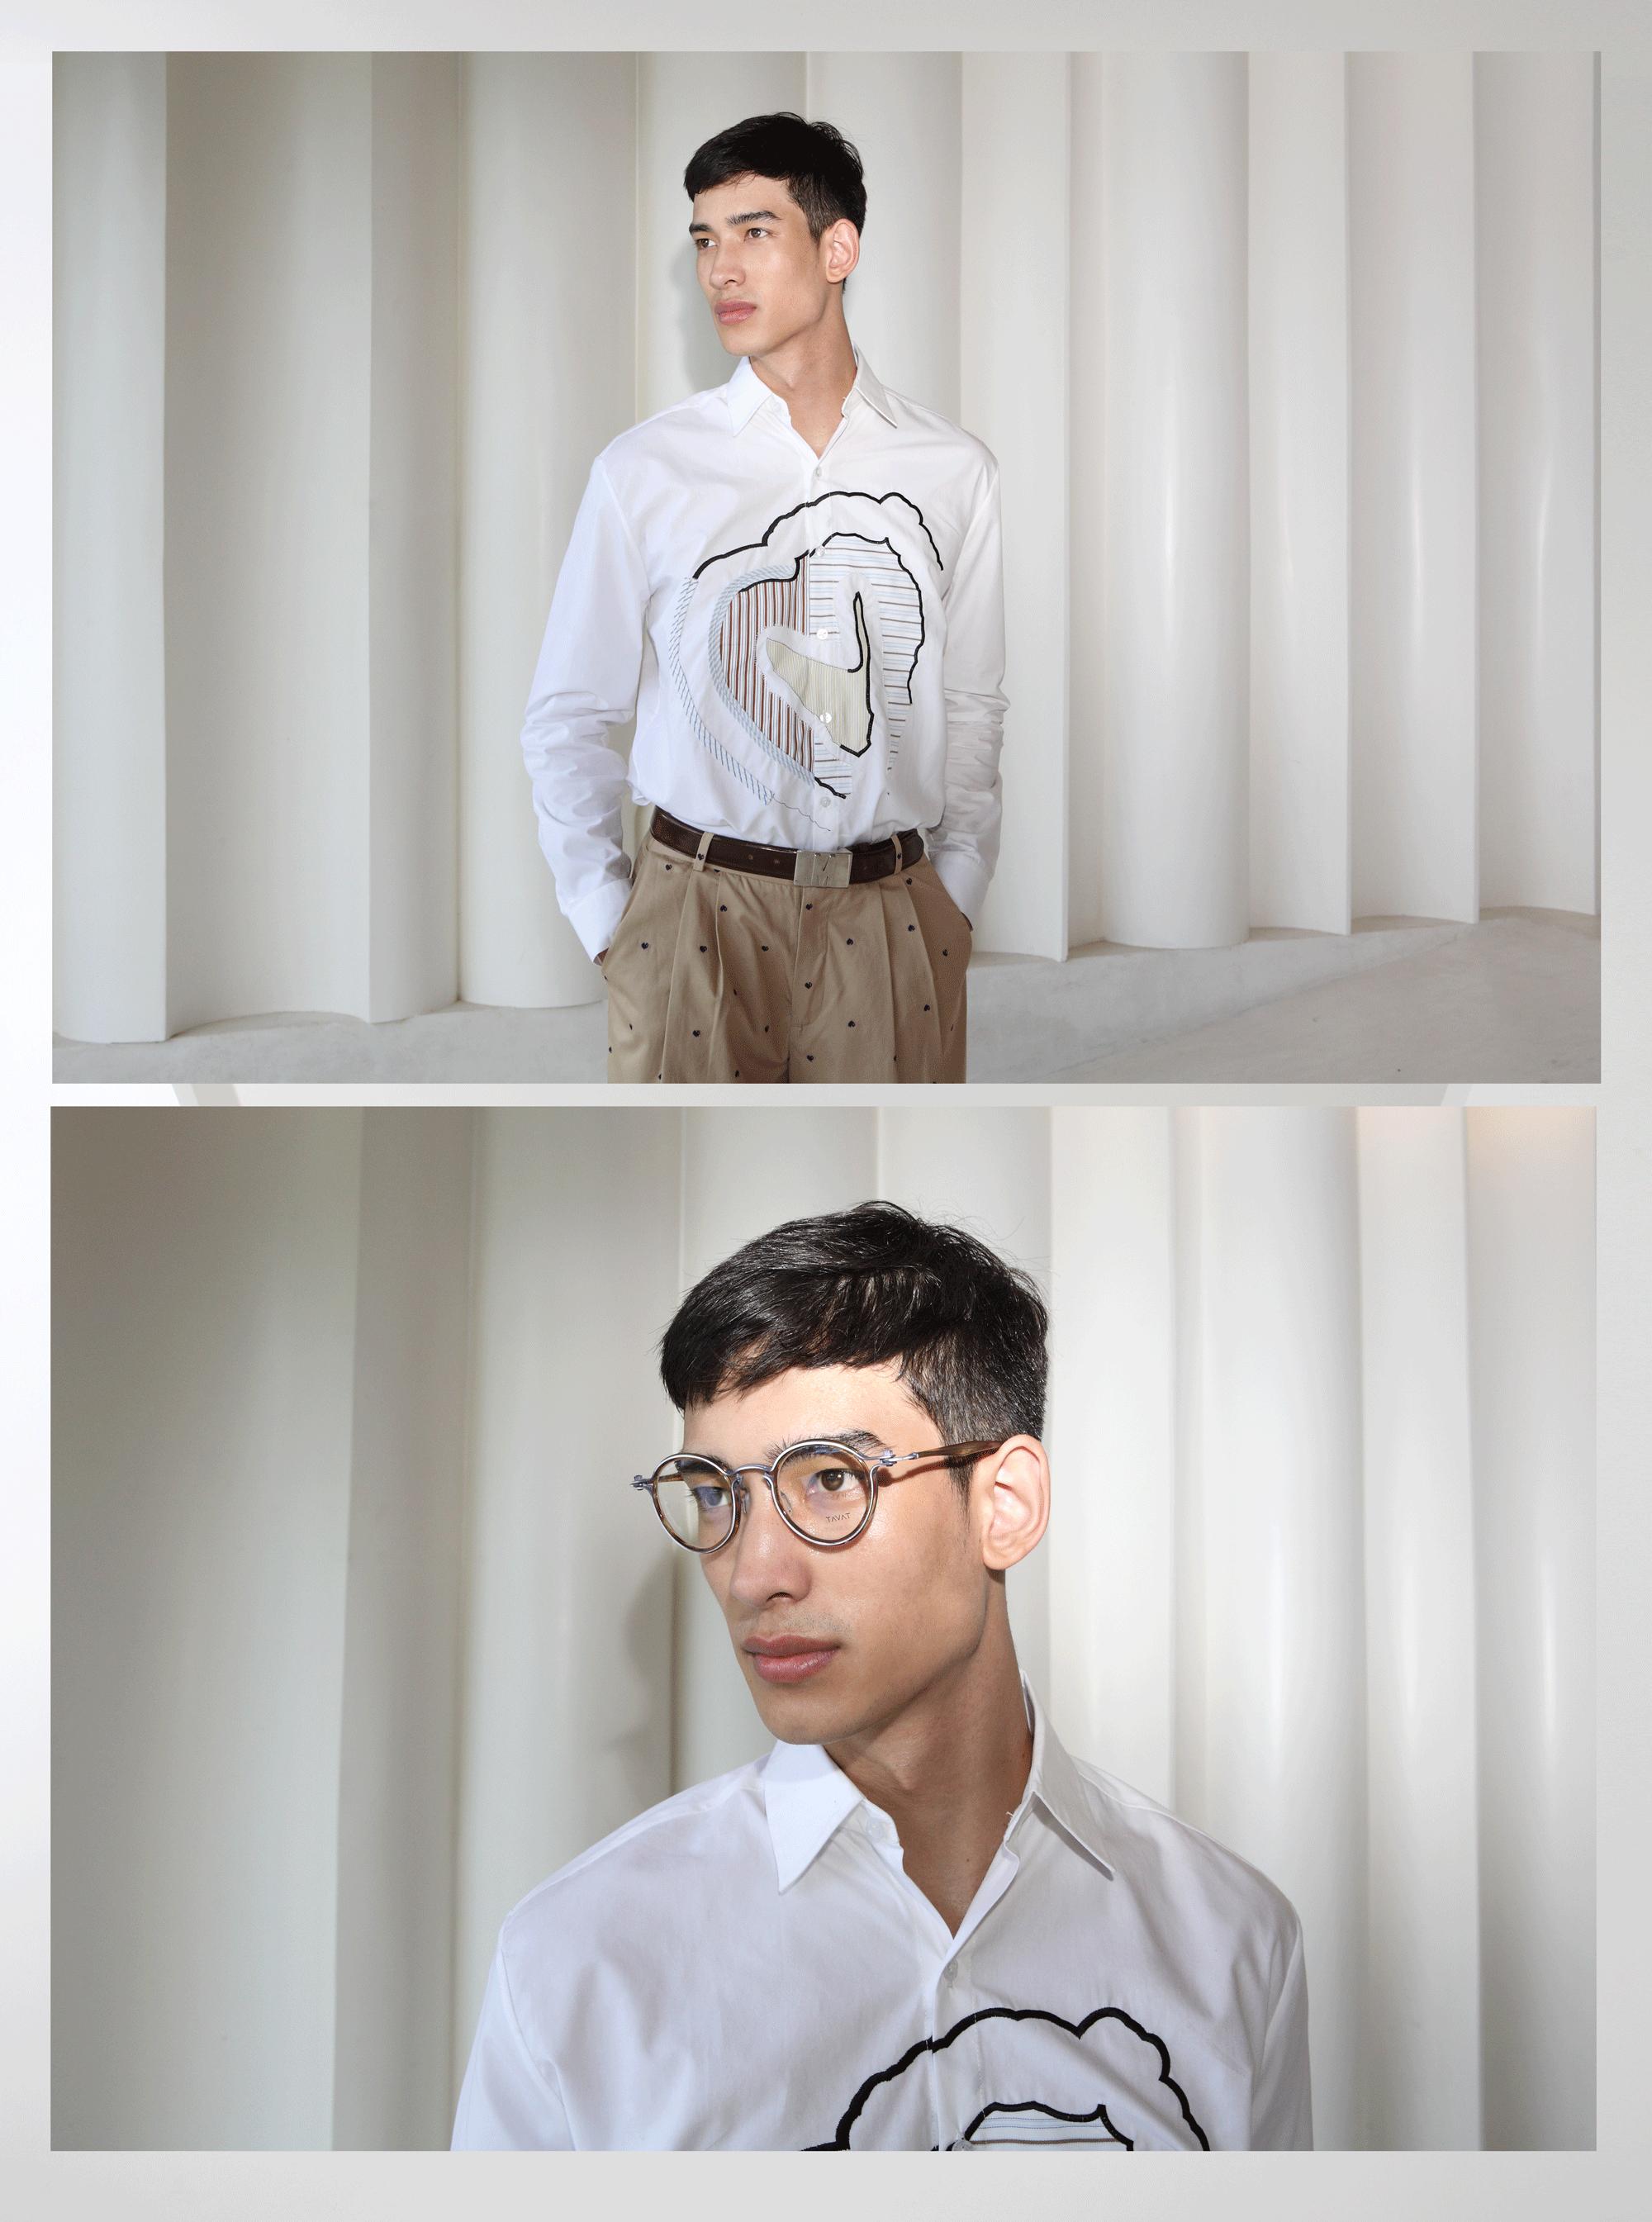 clothes : Everyday KarmaKamet / eyeglasses : TAVAT